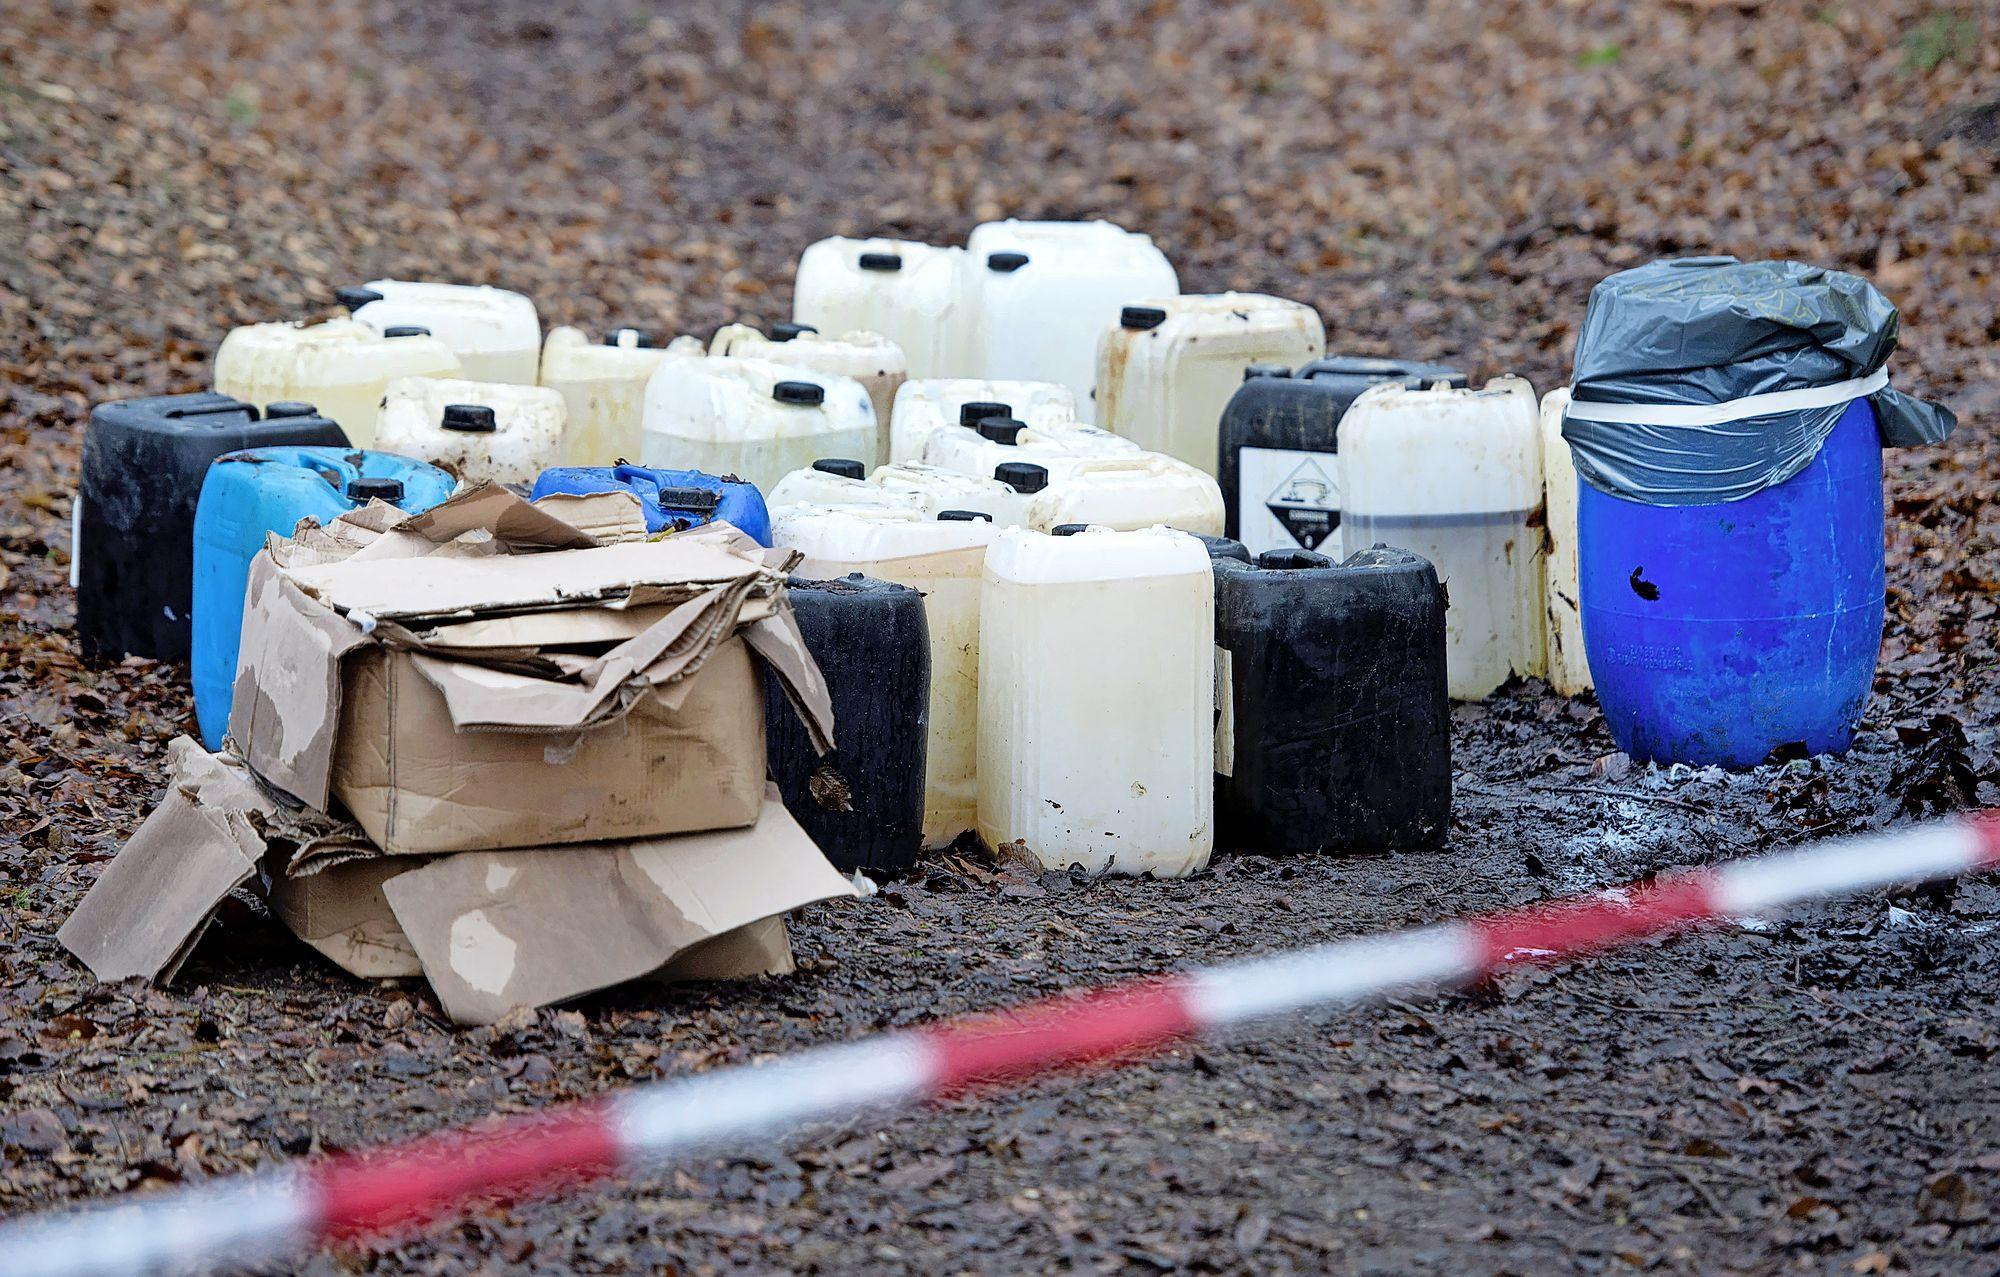 Drugslabs in Heiloo en Akersloot ontmanteld via onderschepte Encrochatberichten: leden Noord-Hollandse MDMA-bende krijgen gevangenisstraffen van vier tot negen jaar opgelegd